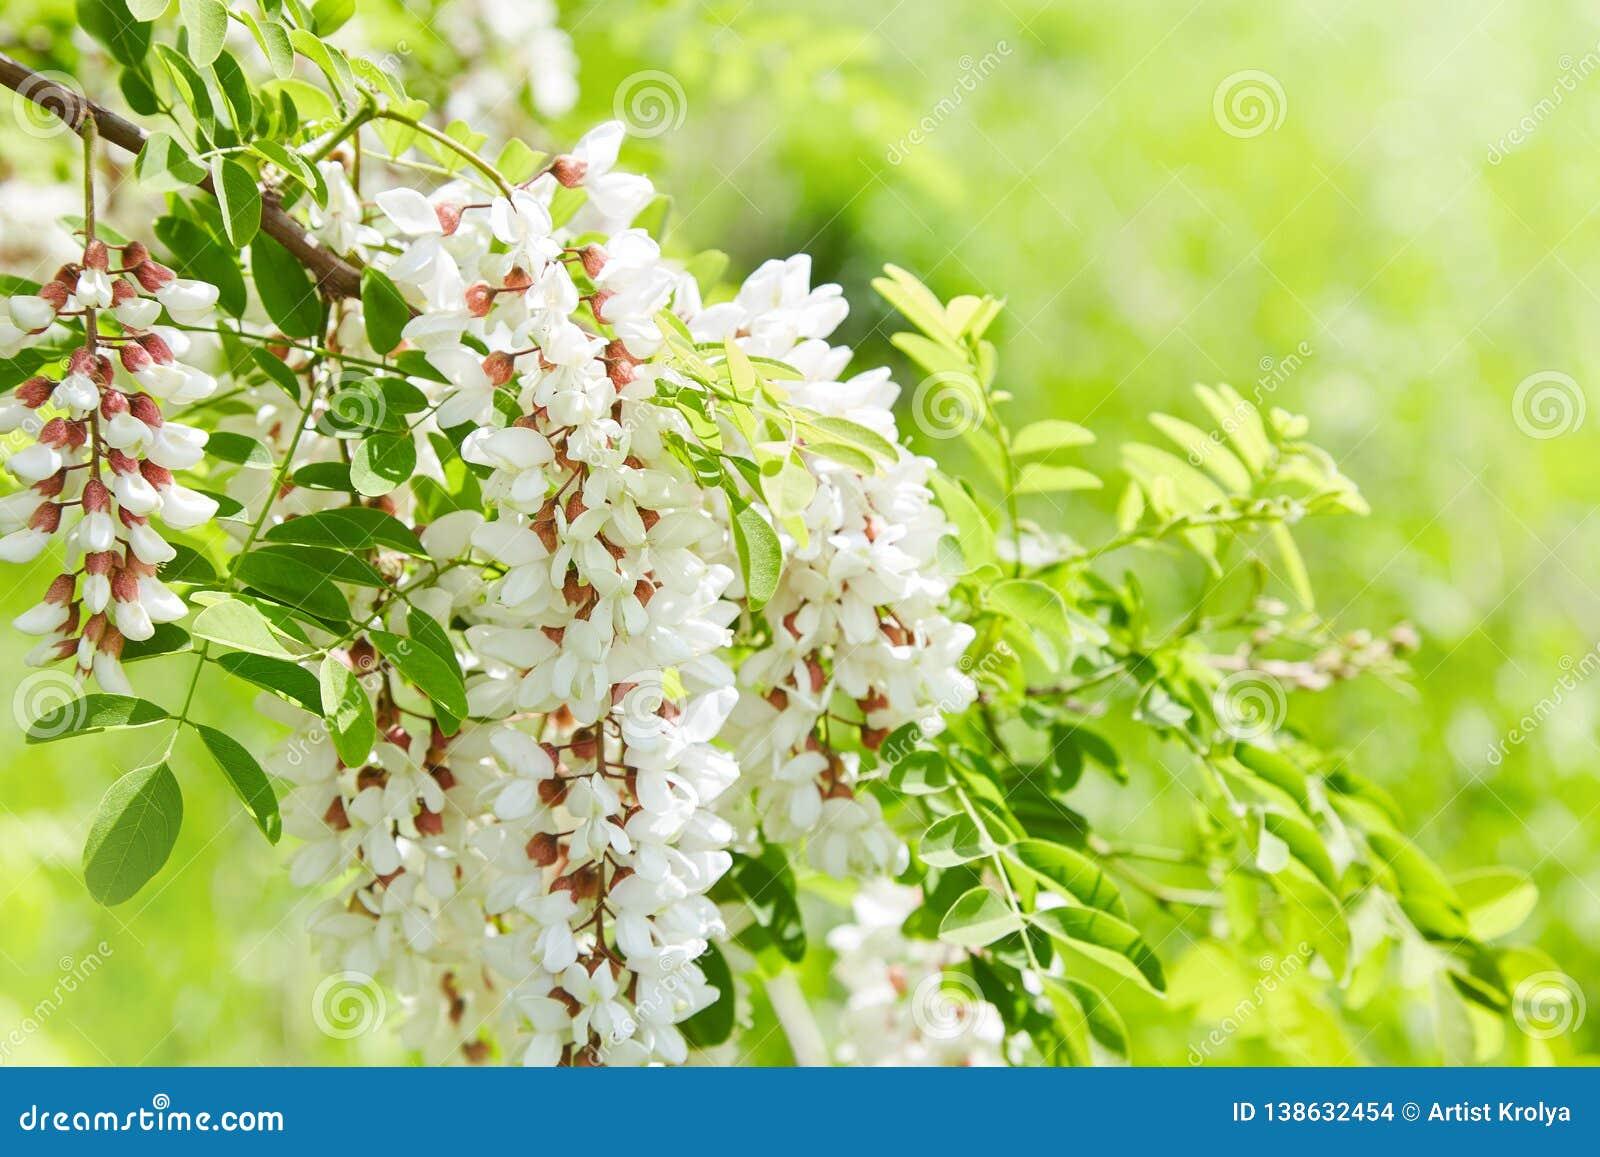 Άφθονος ανθίζοντας κλάδος ακακιών του pseudoacacia Robinia